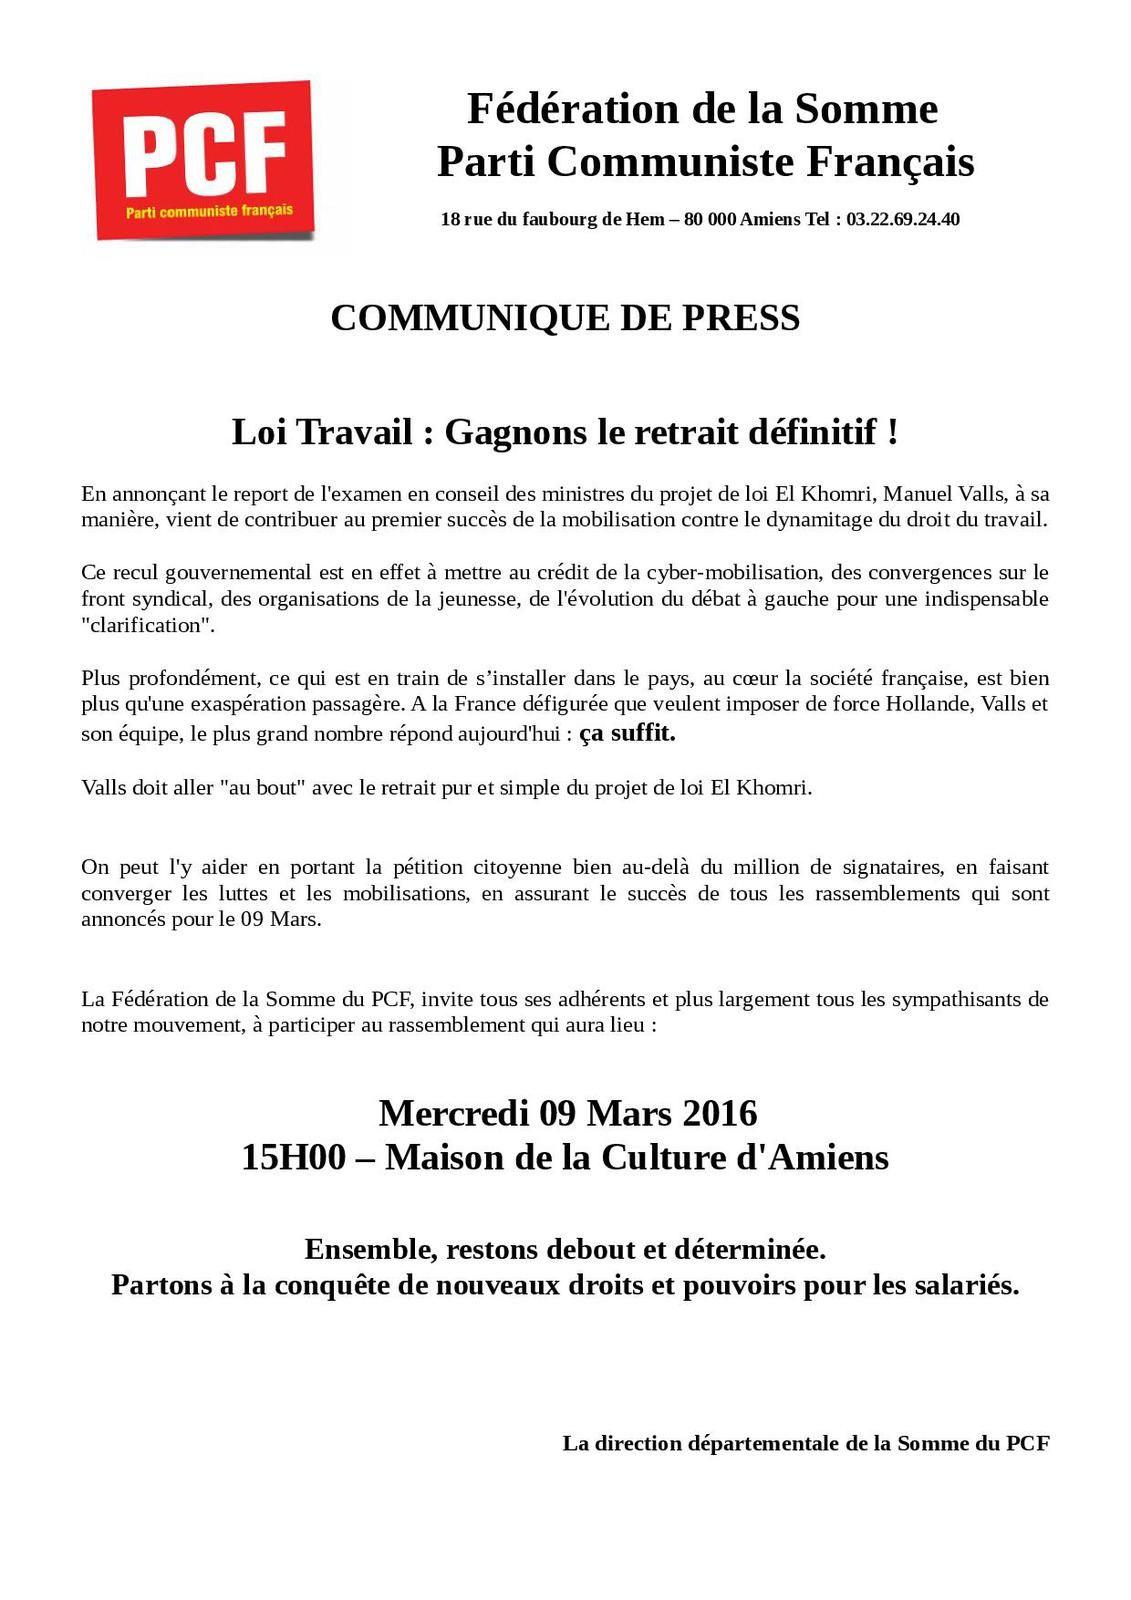 Communiqué de presse rassemblement contre la loi travail 09 mars